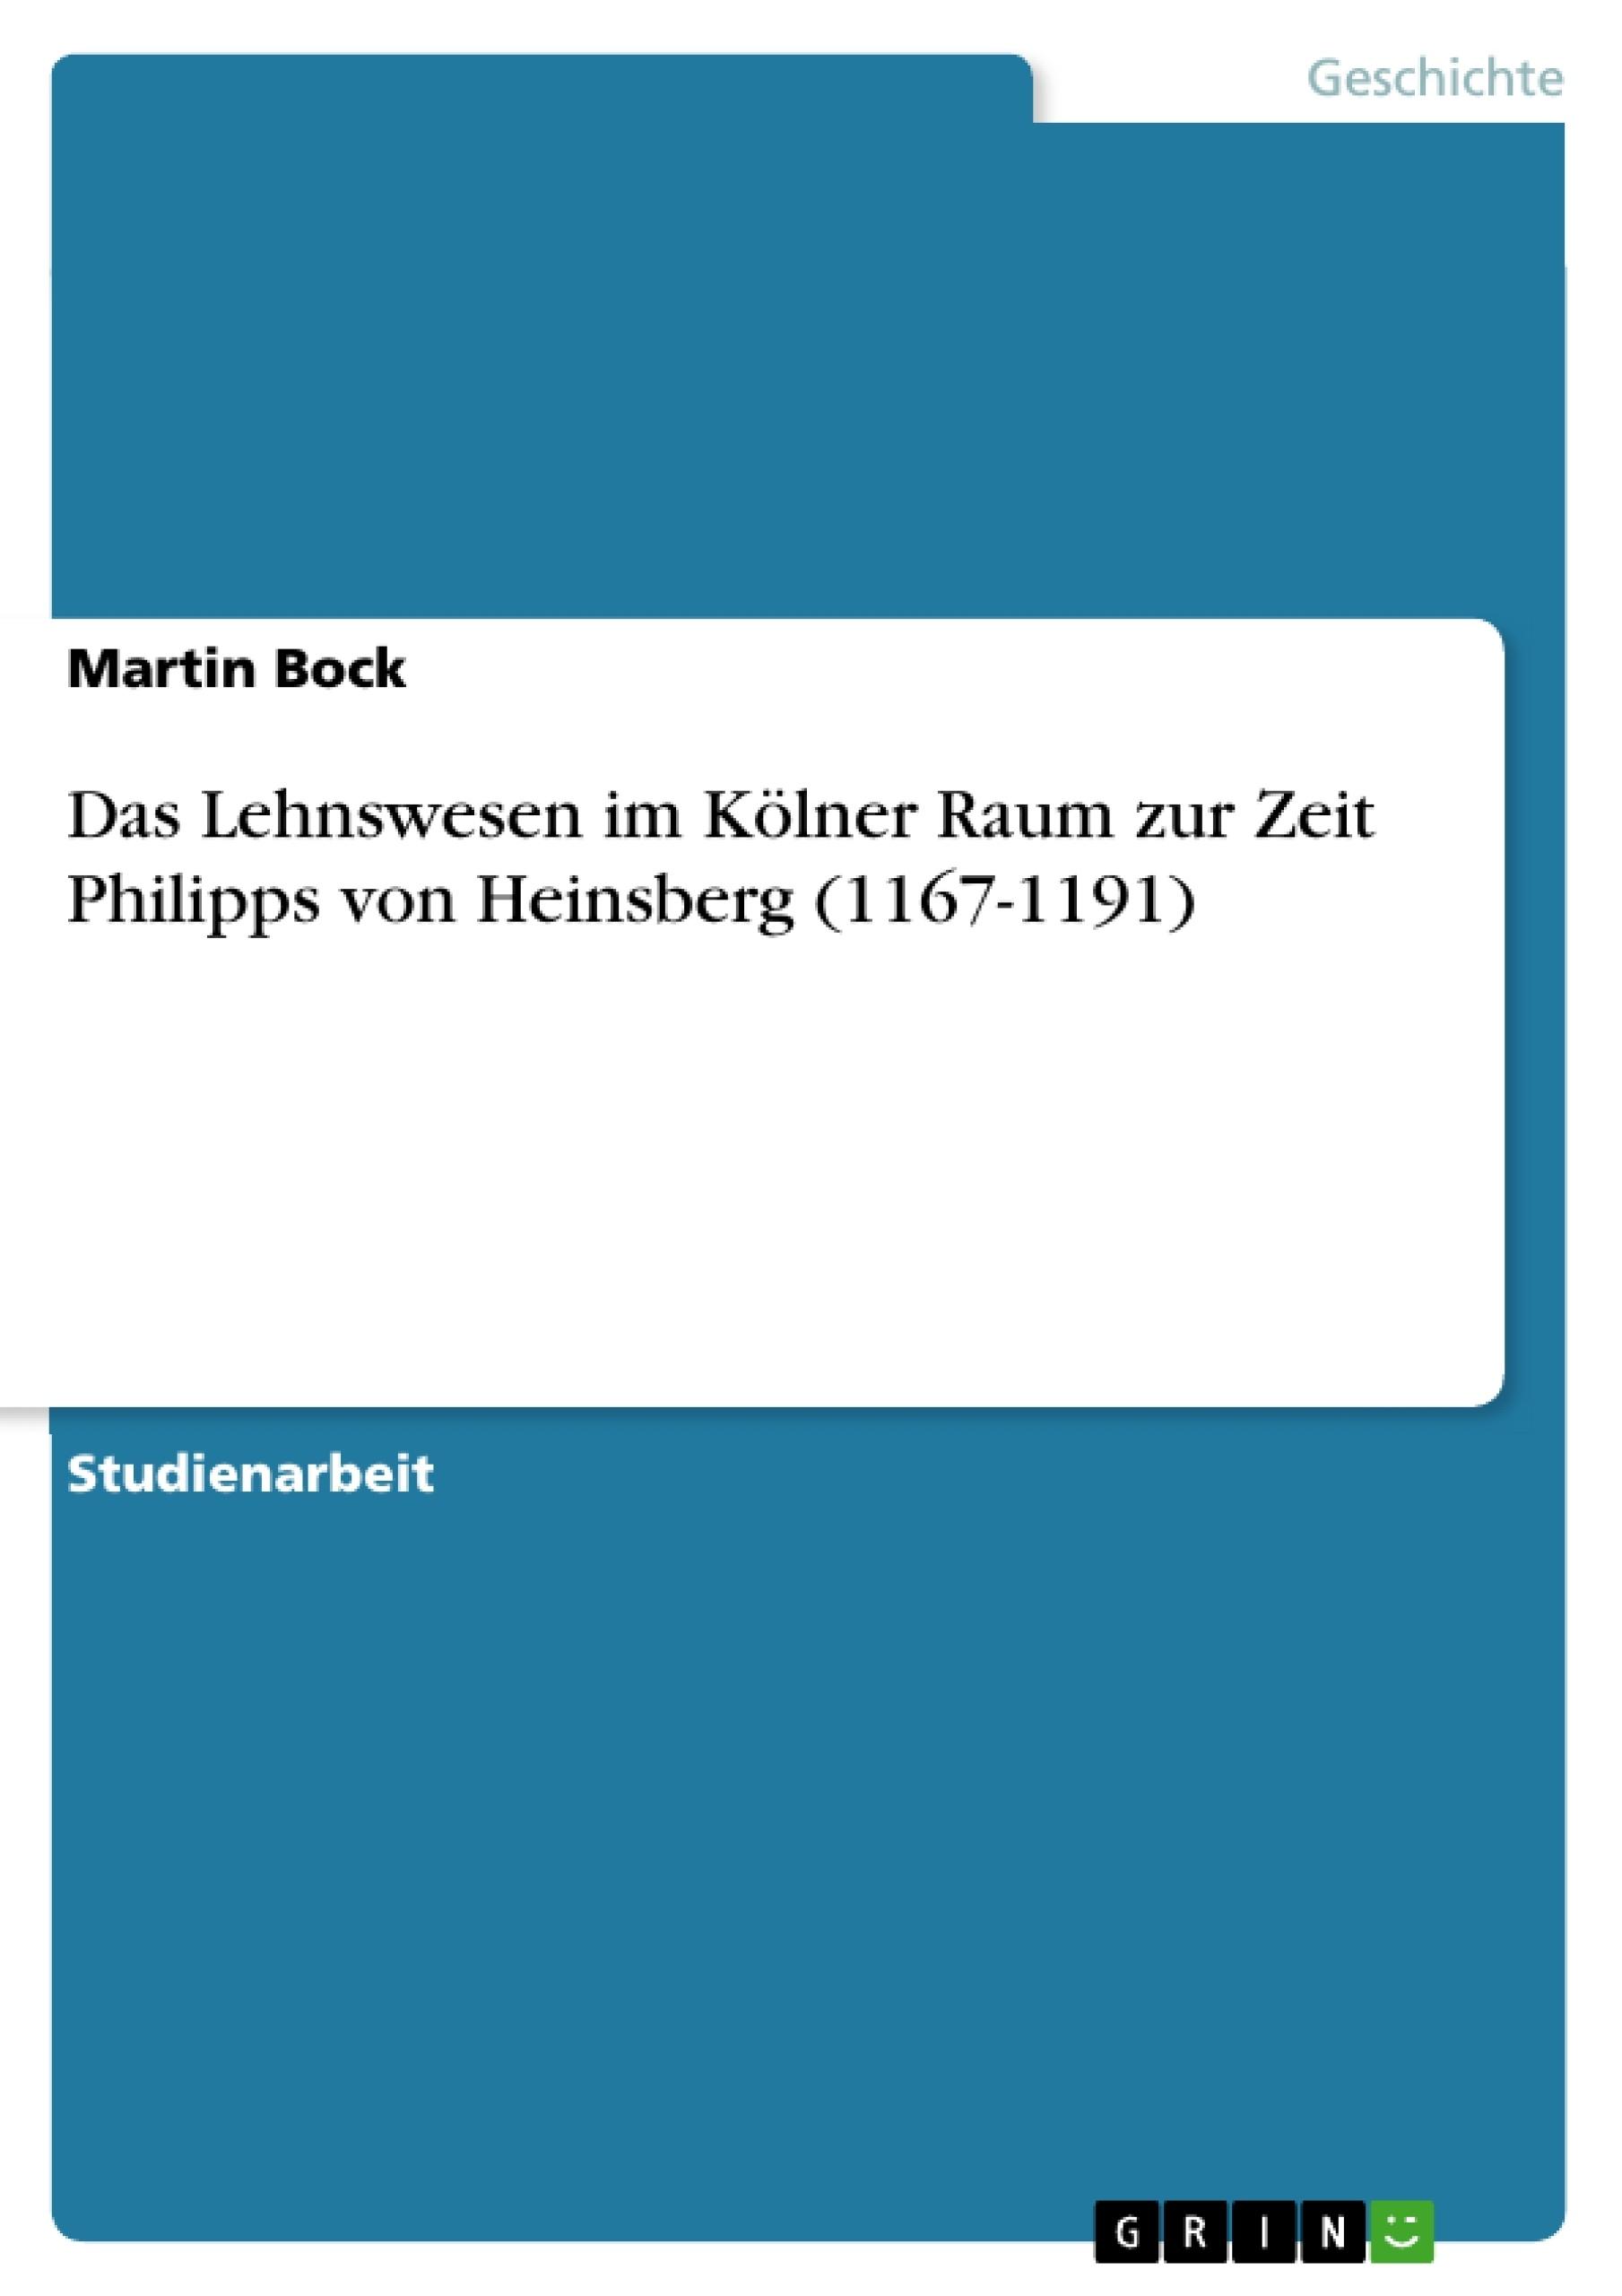 Titel: Das Lehnswesen im Kölner Raum zur Zeit Philipps von Heinsberg (1167-1191)